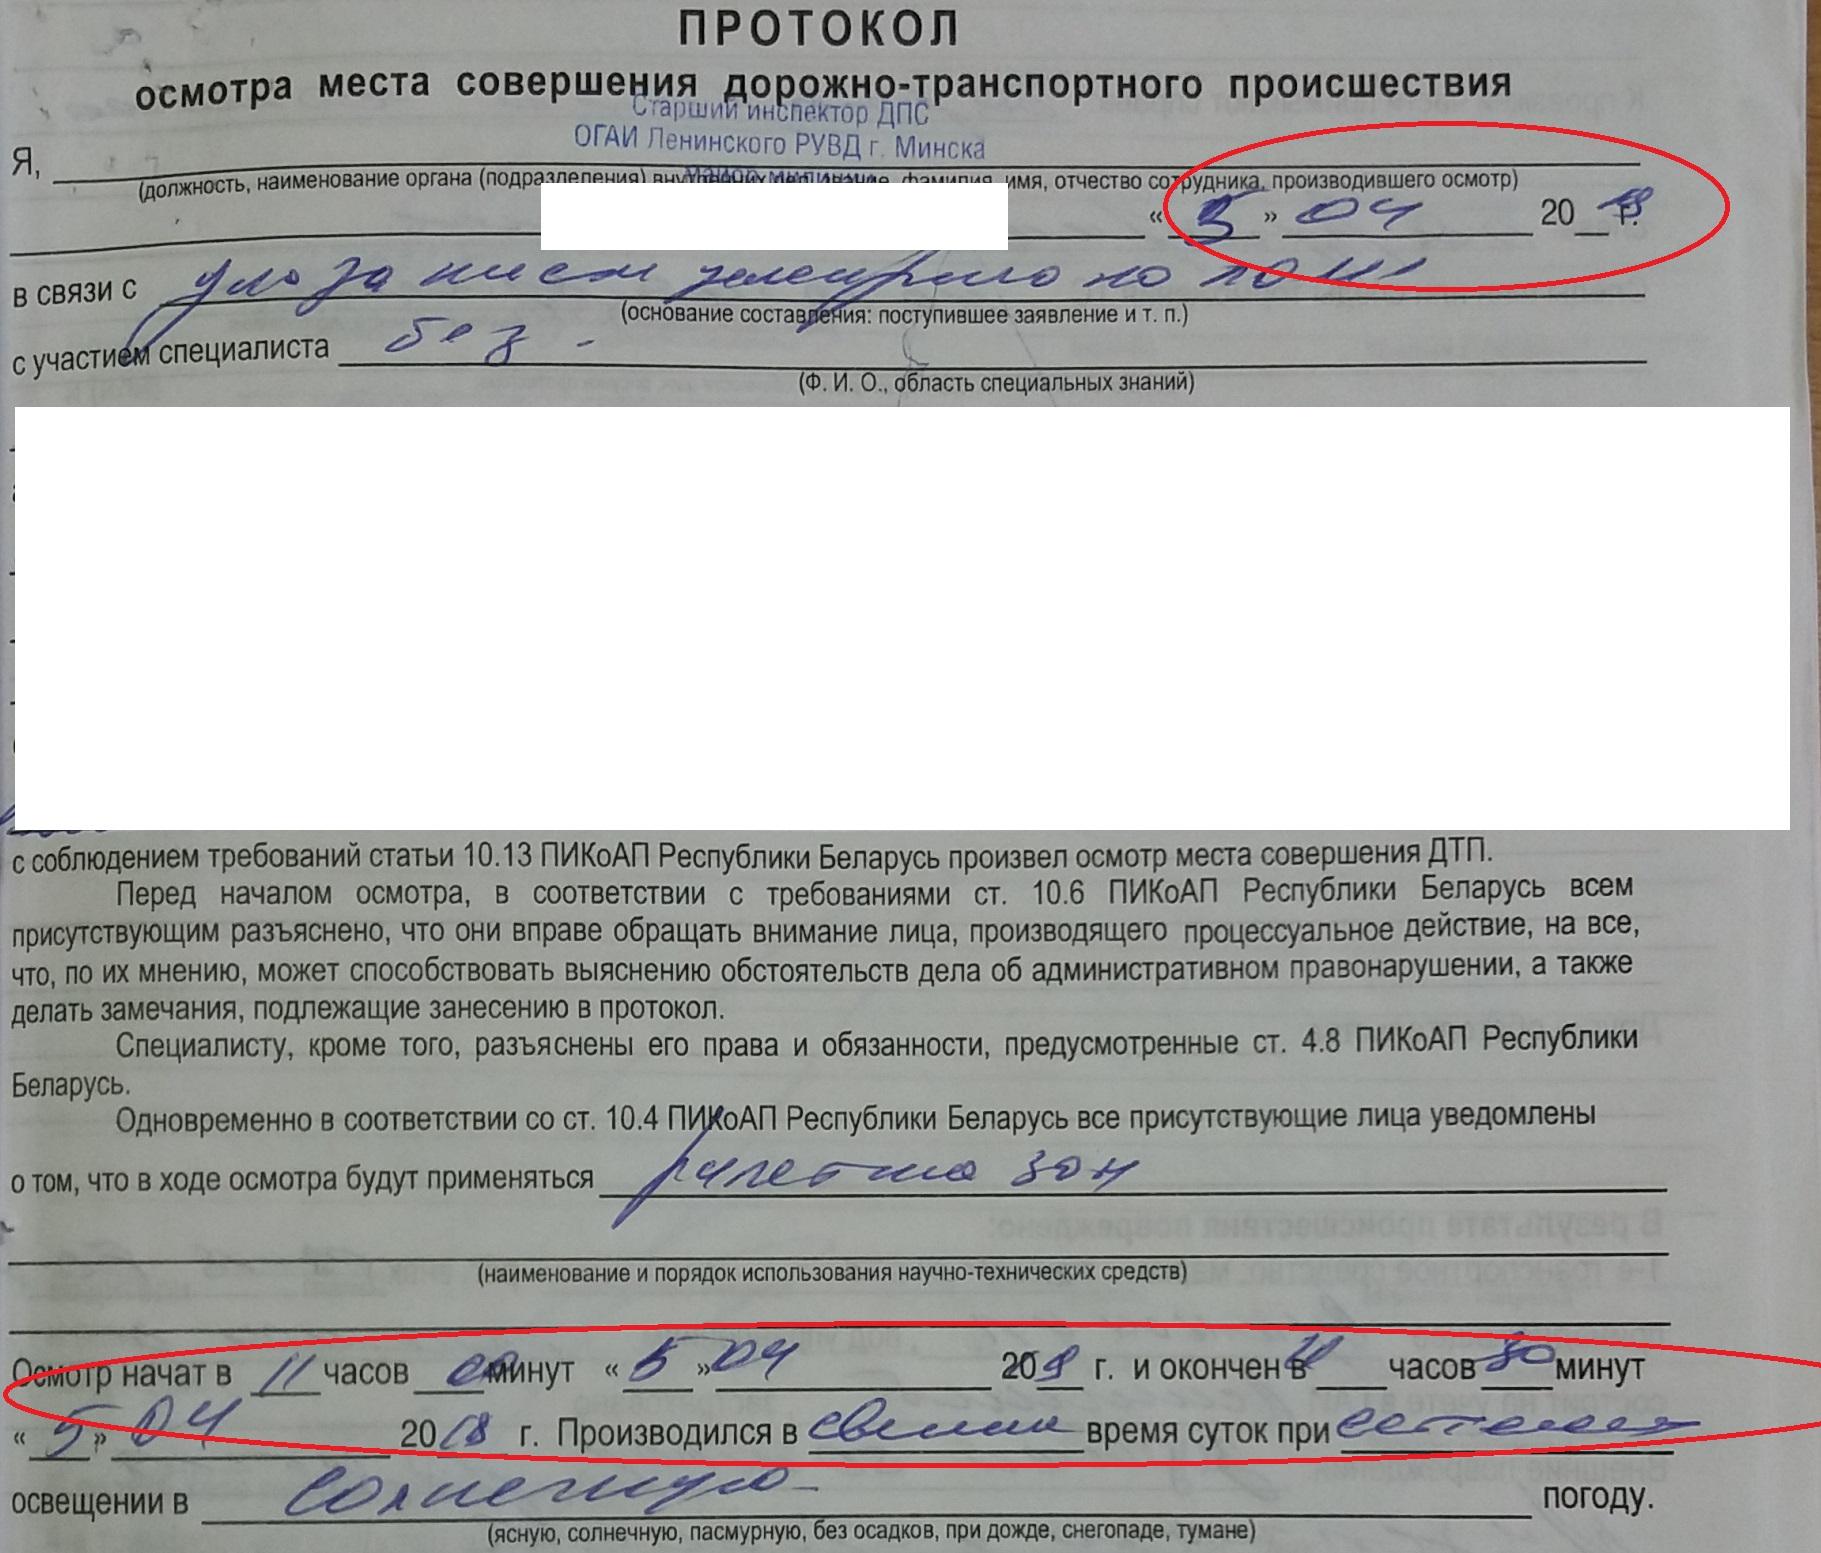 Протокол осмотра места административного правонарушения, адвокат по ДТП, адвокат по ПДД Латышев